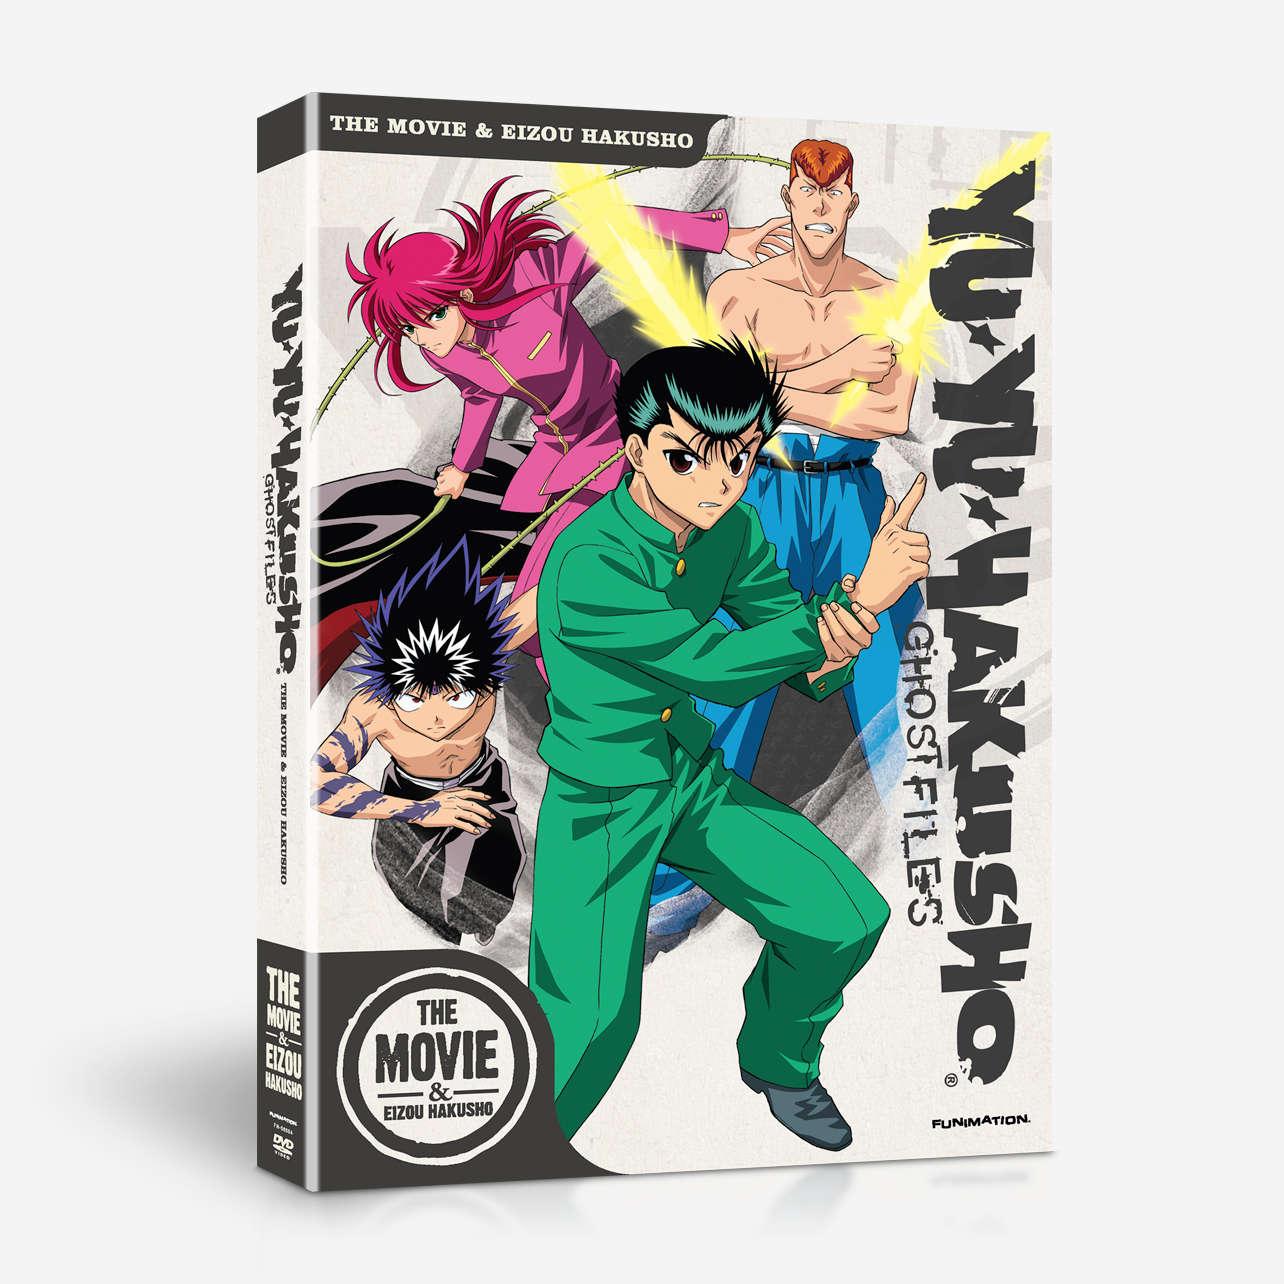 Shop Yu Yu Hakusho The Movie & Eizou Hakusho OVA | Funimation